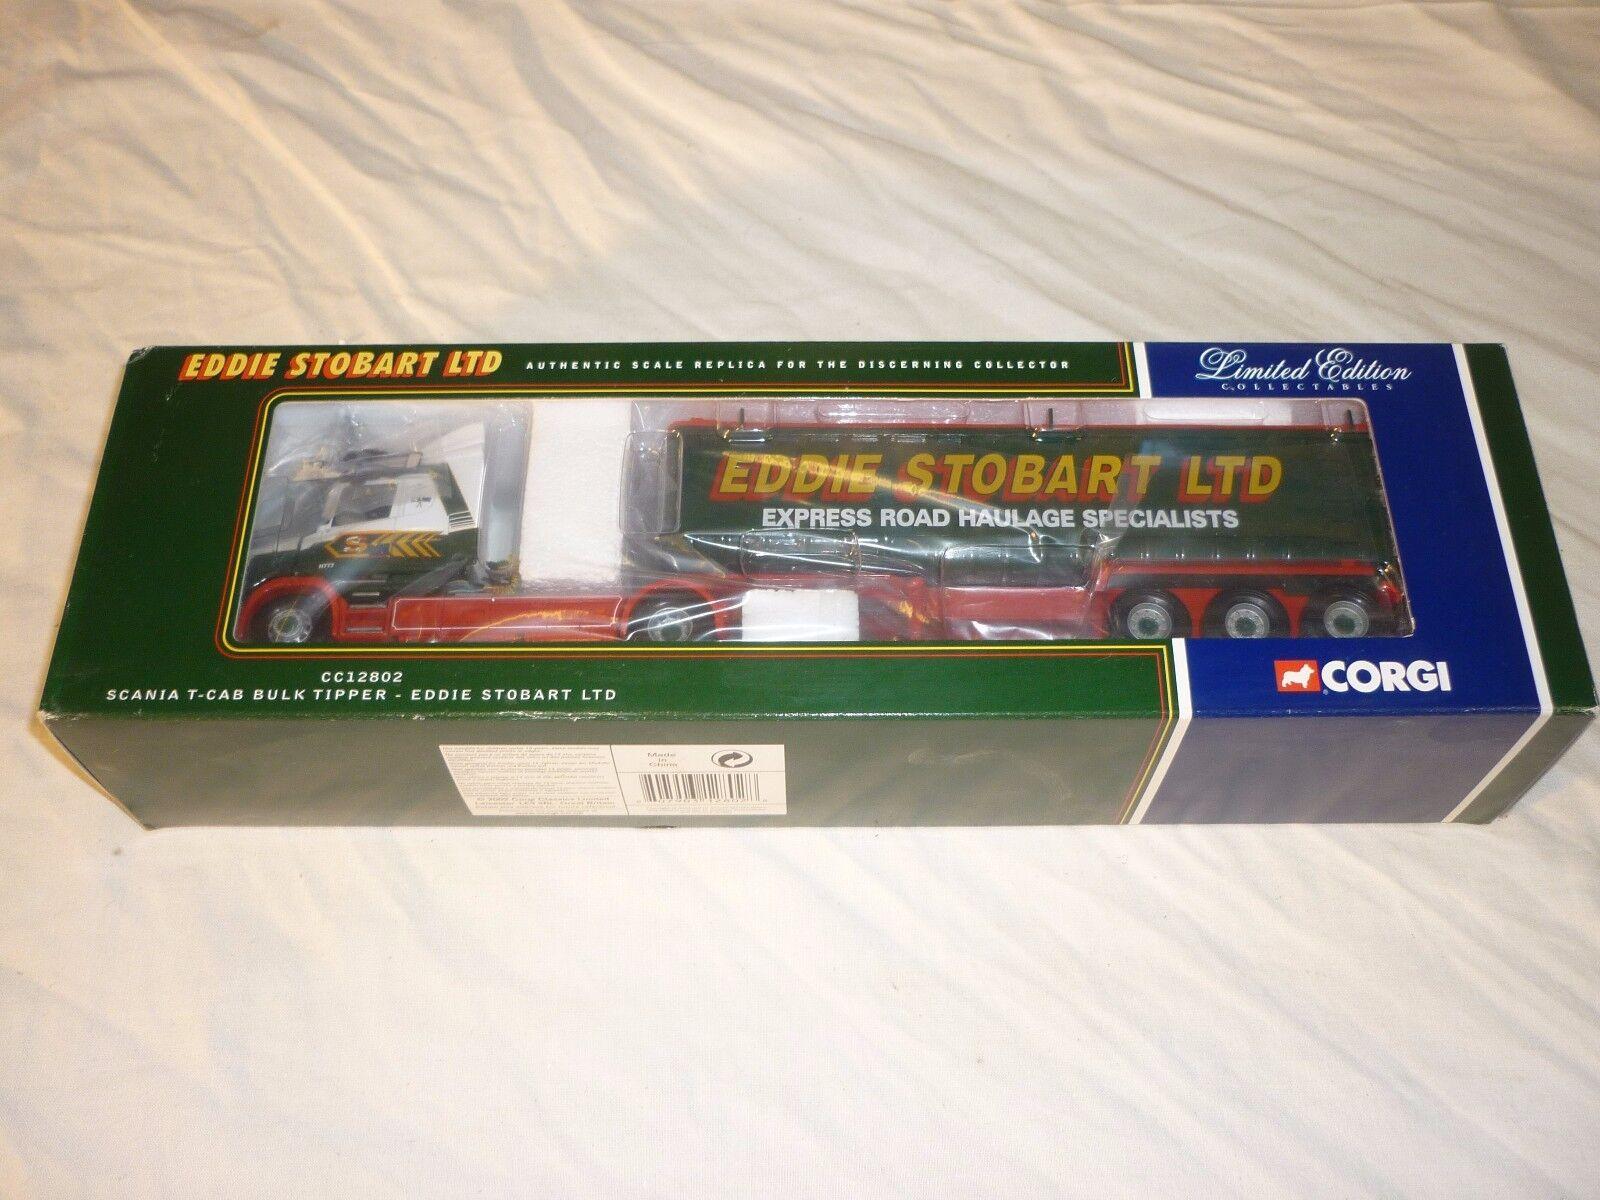 Corgi CC12802 Scania T taxi con remolque volquete a granel Eddie Stobart Ltd.